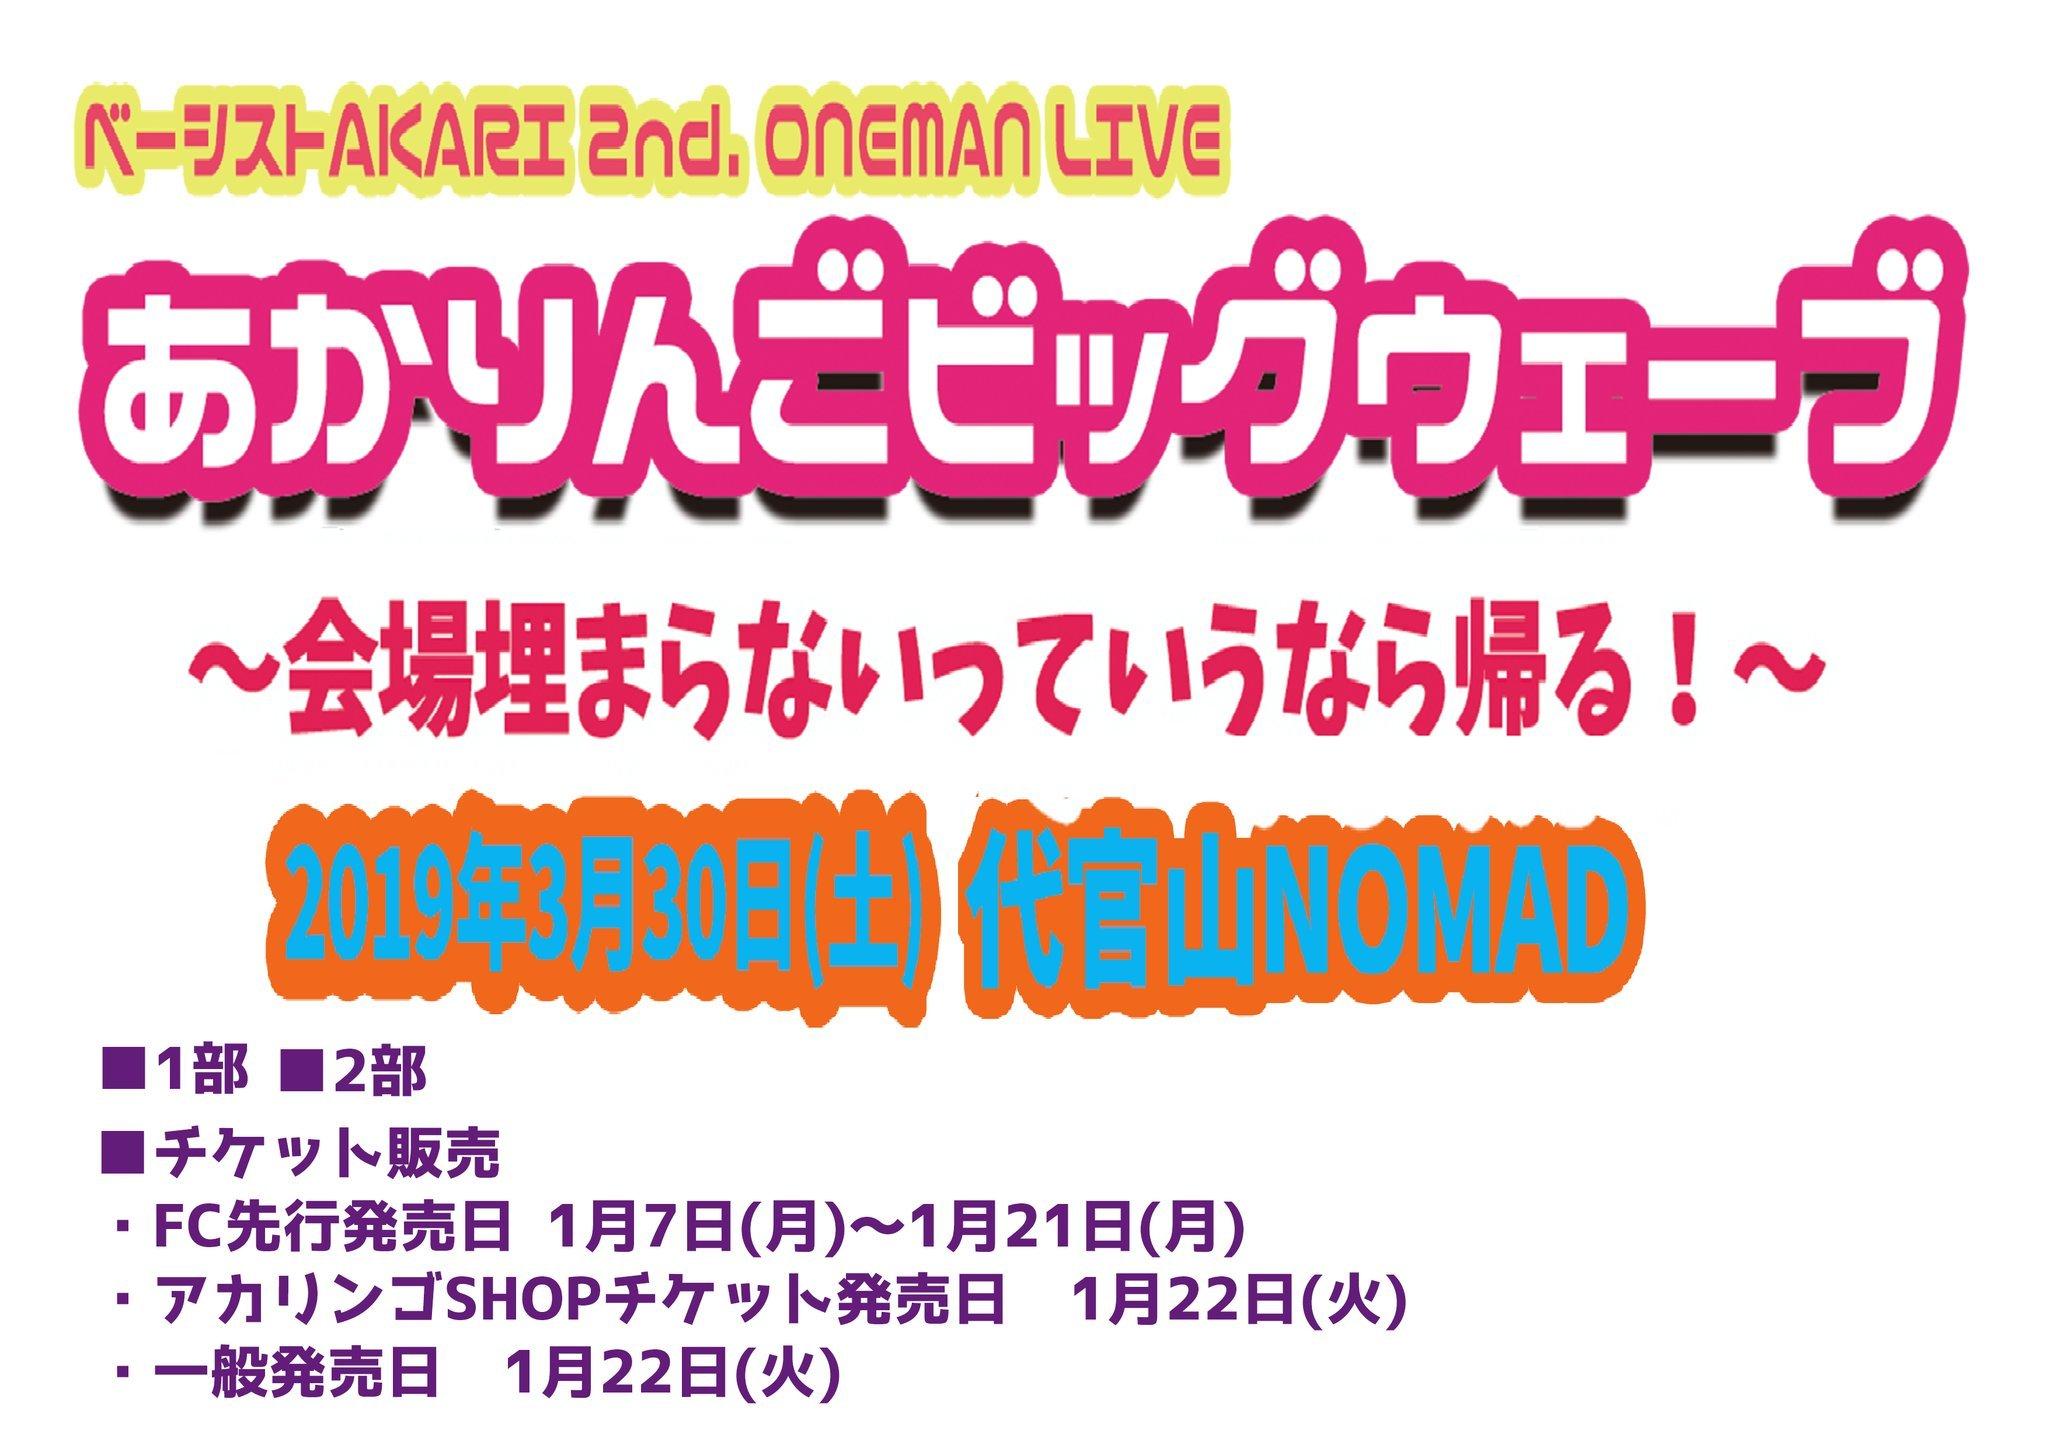 ベーシストAKARI 2nd ONEMAN LIVE あかりんごビッグウェーブ ~会場埋まらないっていうなら帰る!~ 2部【ワンマンライブ】